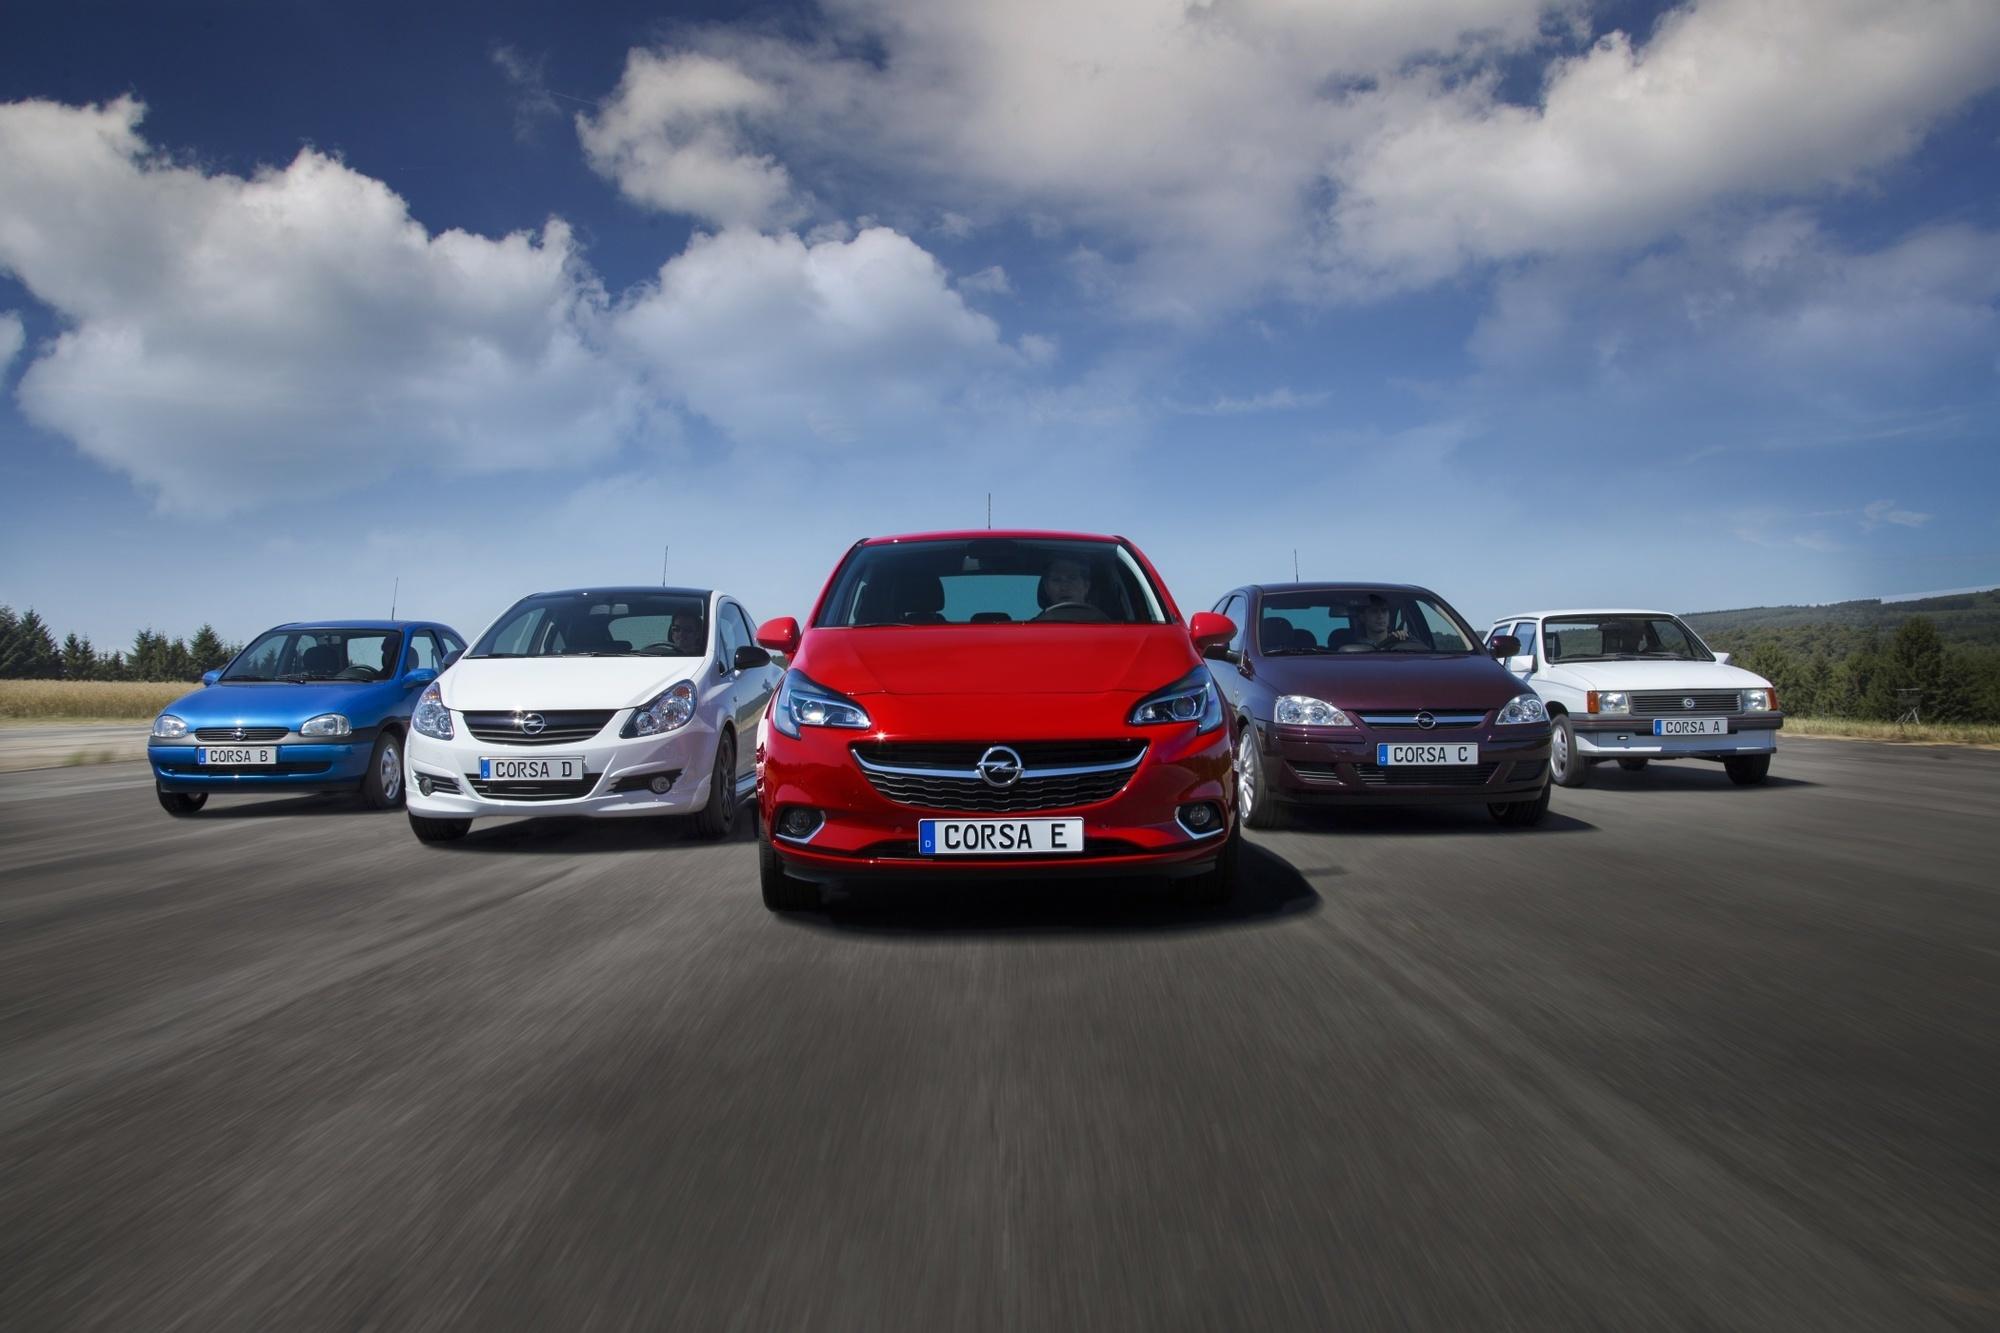 Tradition: Fünf Generationen Opel Corsa - Wilde Kerle und wahre Könige